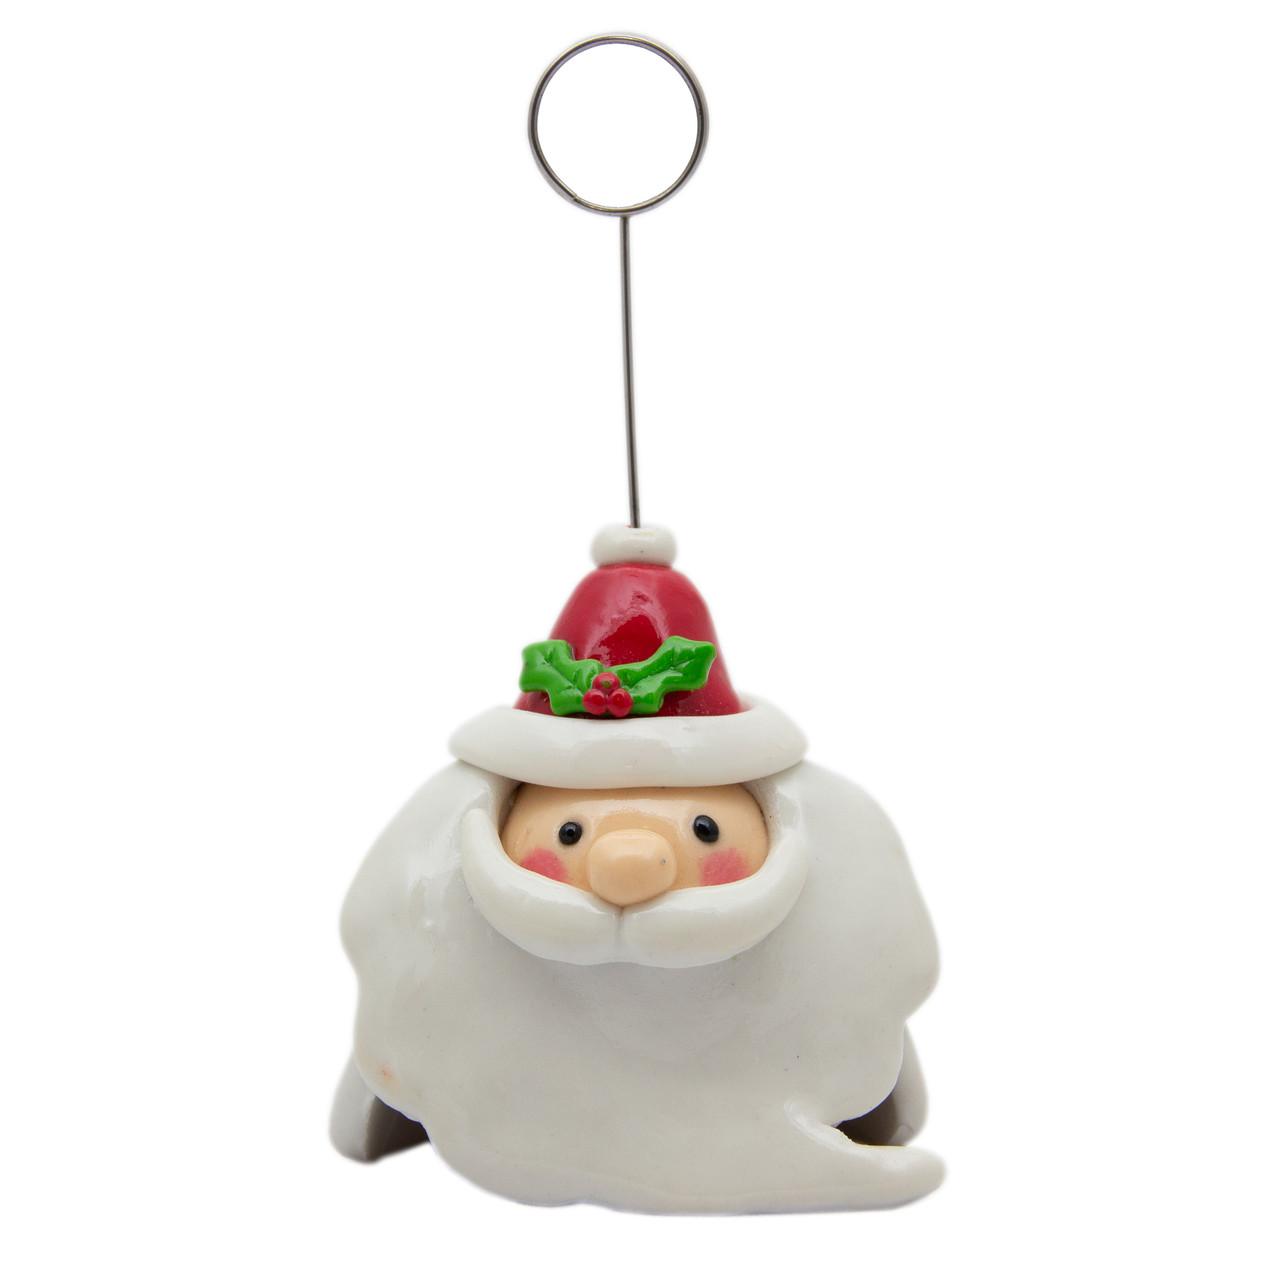 Сувенирные фигурки с пластика - держатель визиток, Дед Мороз с красною шапкой 11,5см (001347-5)